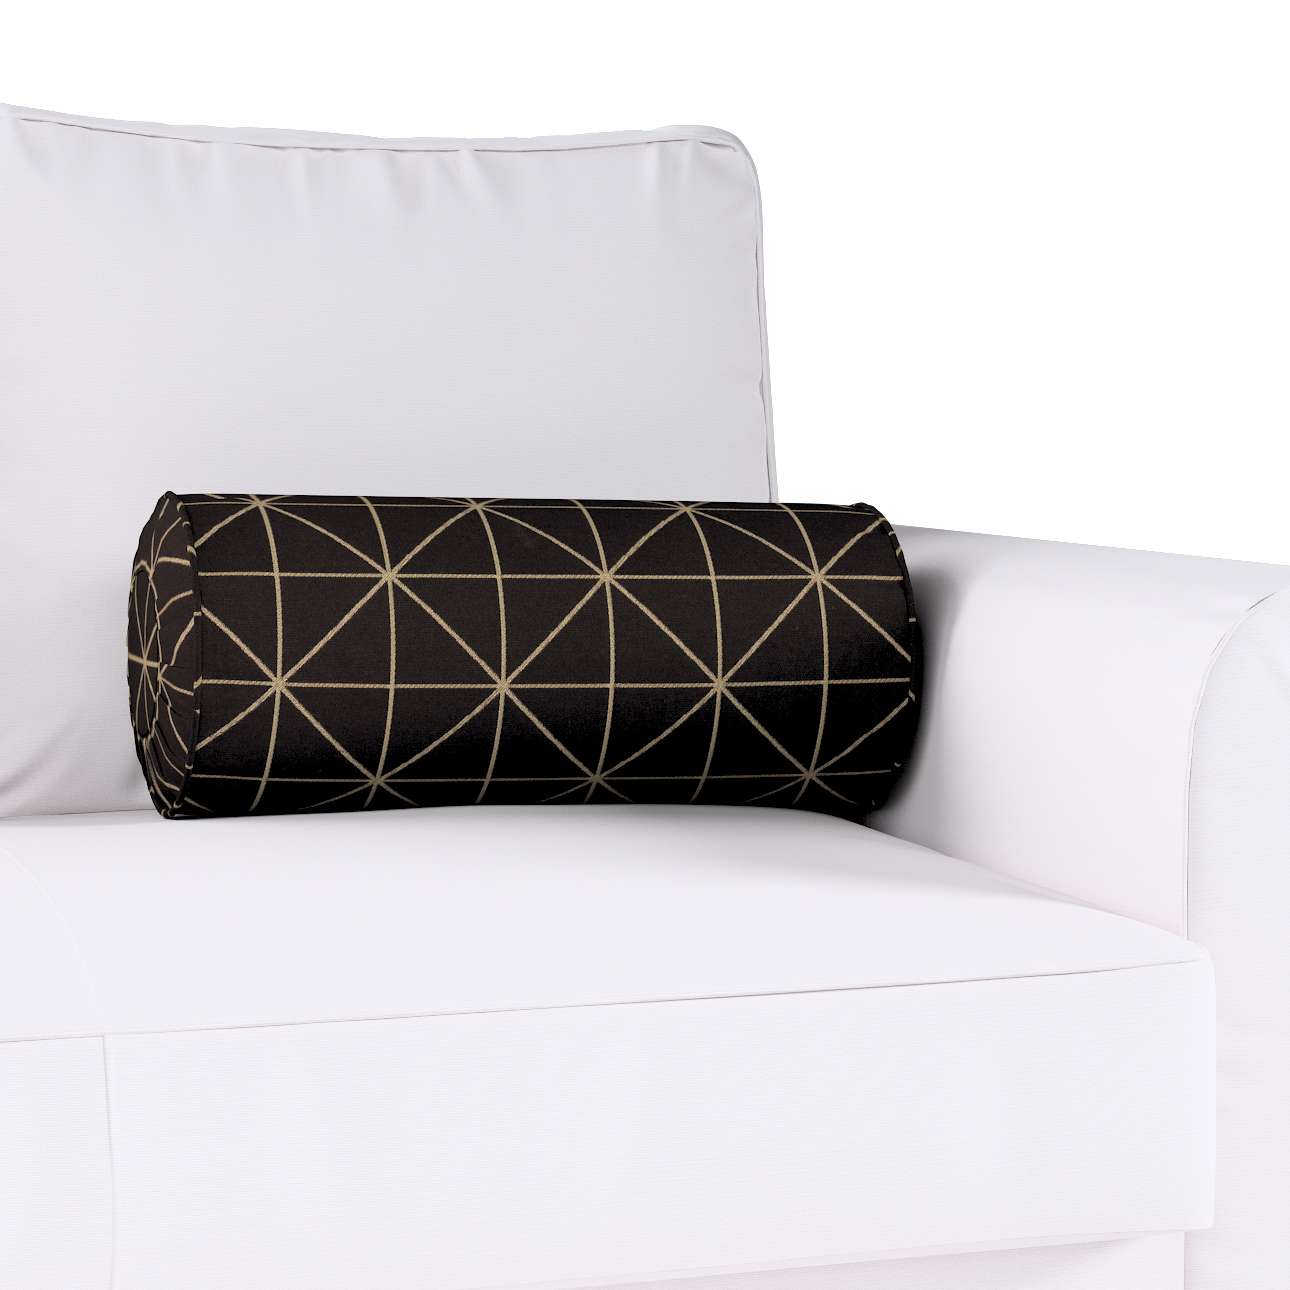 Nakkepute med folder fra kolleksjonen Black & White, Stoffets bredde: 142-55